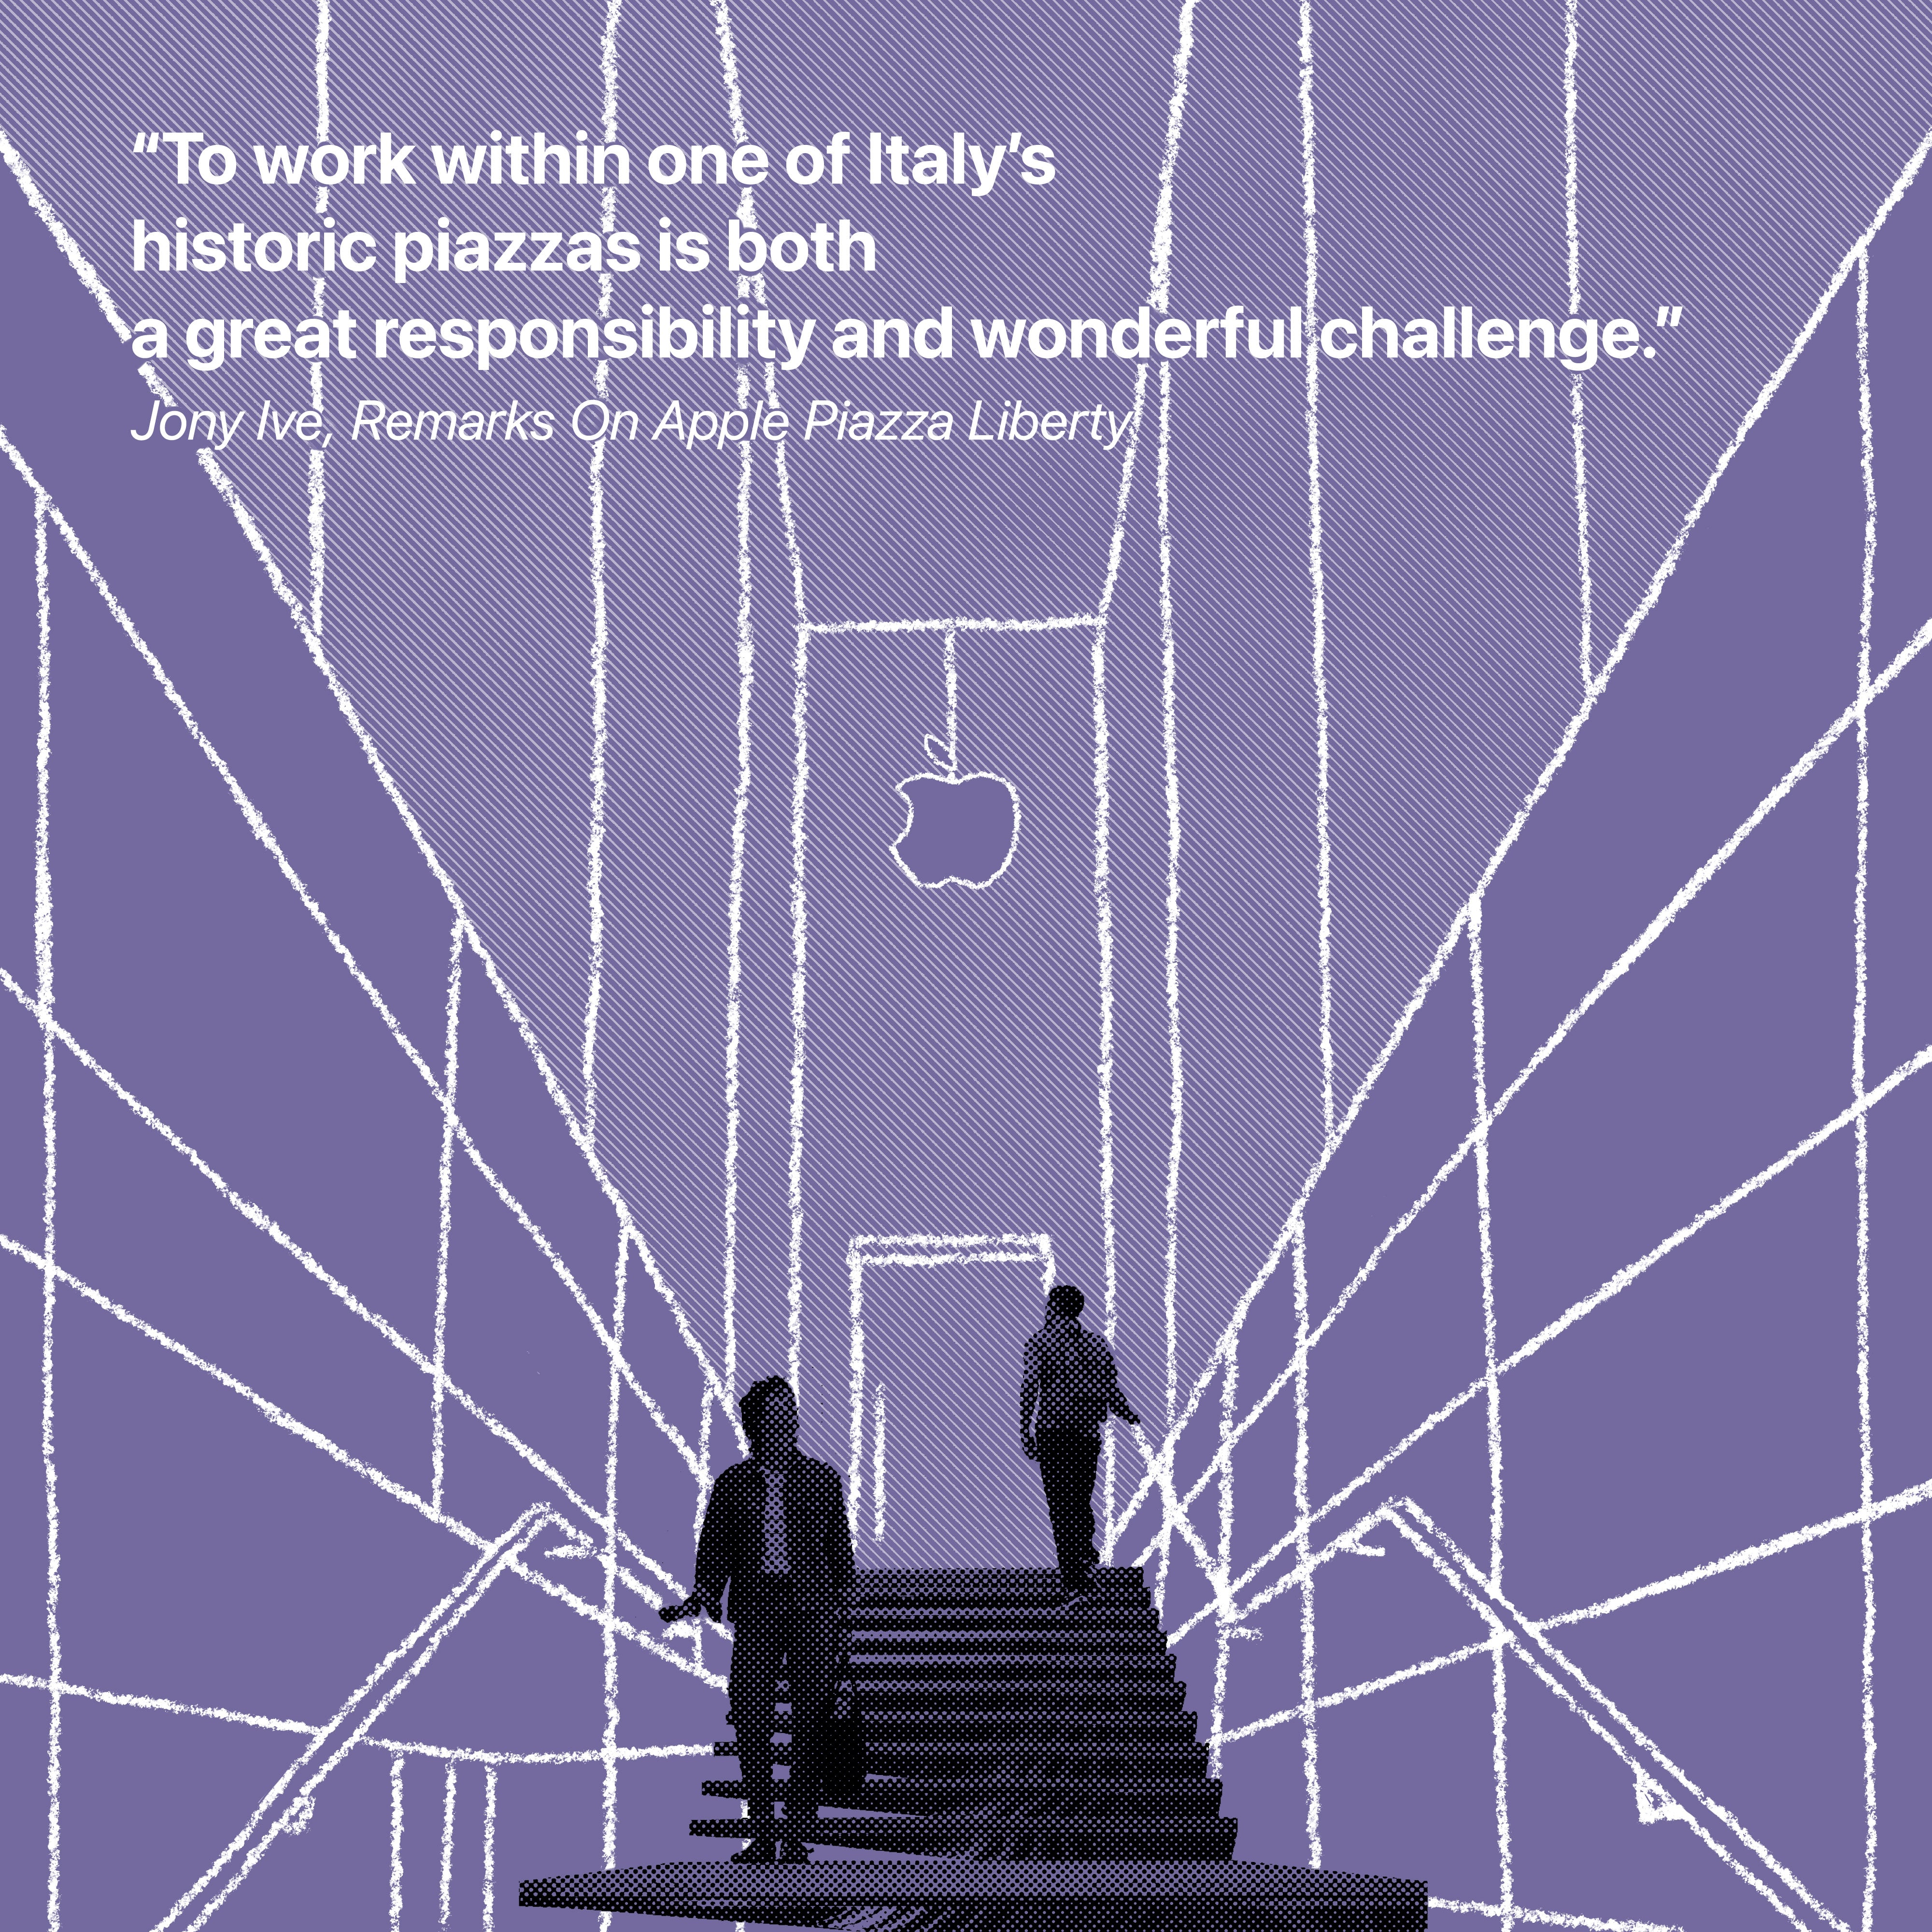 """""""Travailler dans l'une des places historiques d'Italie est à la fois une grande responsabilité et un formidable défi."""" Jony Ive, Remarques sur Apple Piazza Liberty"""